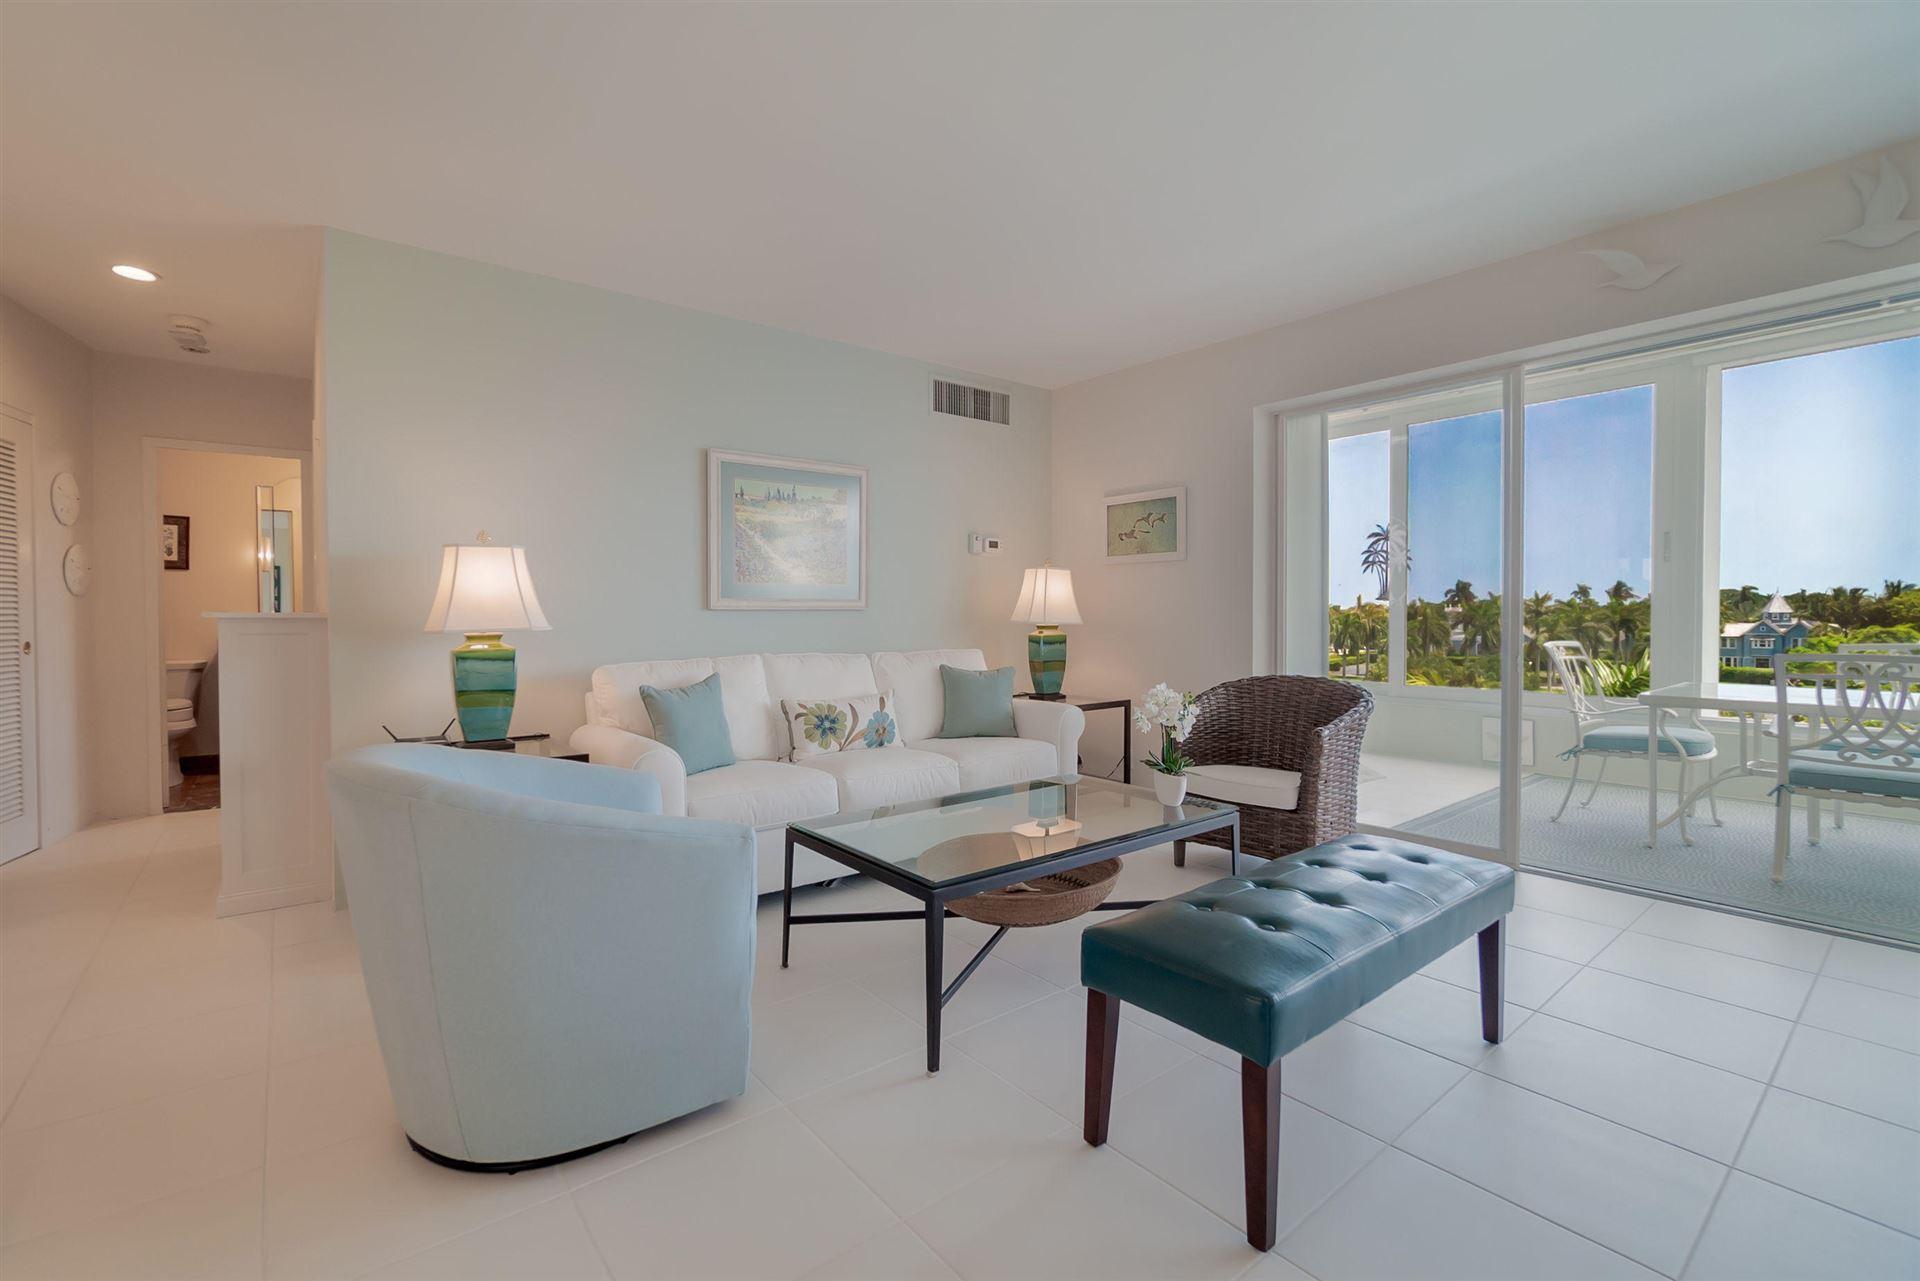 44 Cocoanut Row #402 B, Palm Beach, FL 33480 - #: RX-10575907